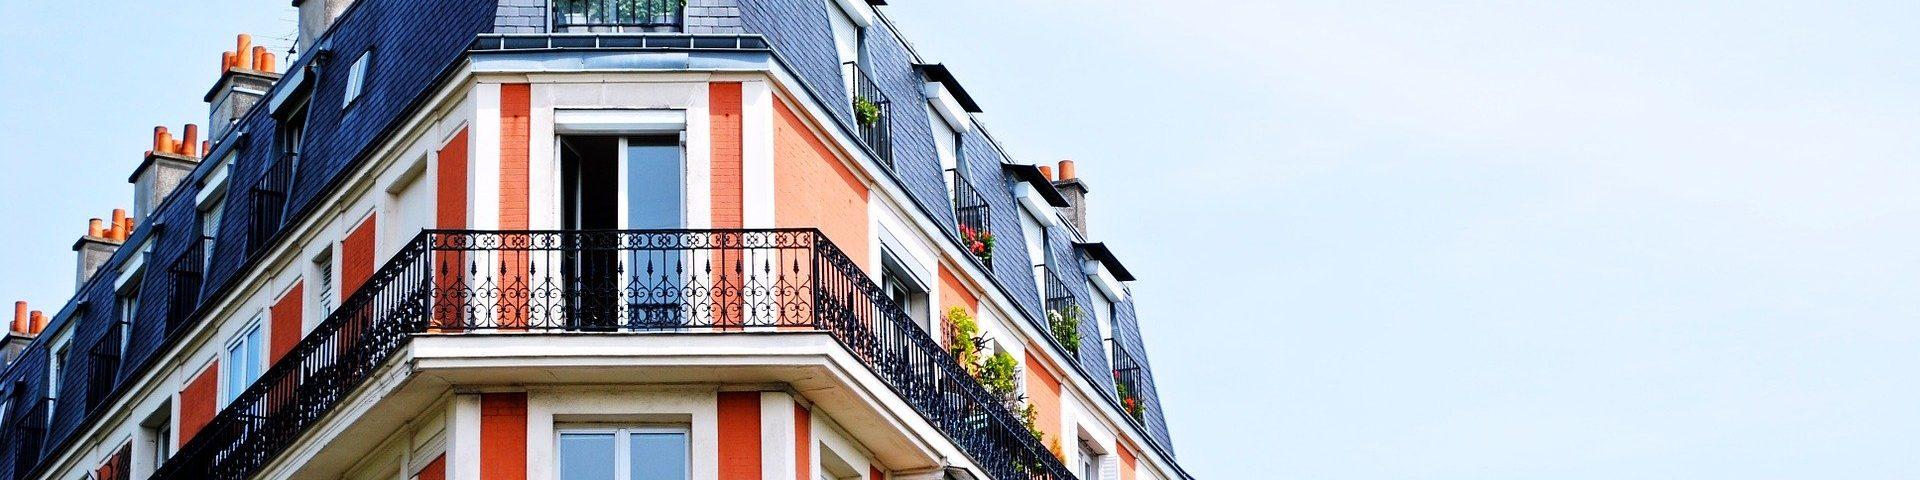 Apartment Building 1149751 1920